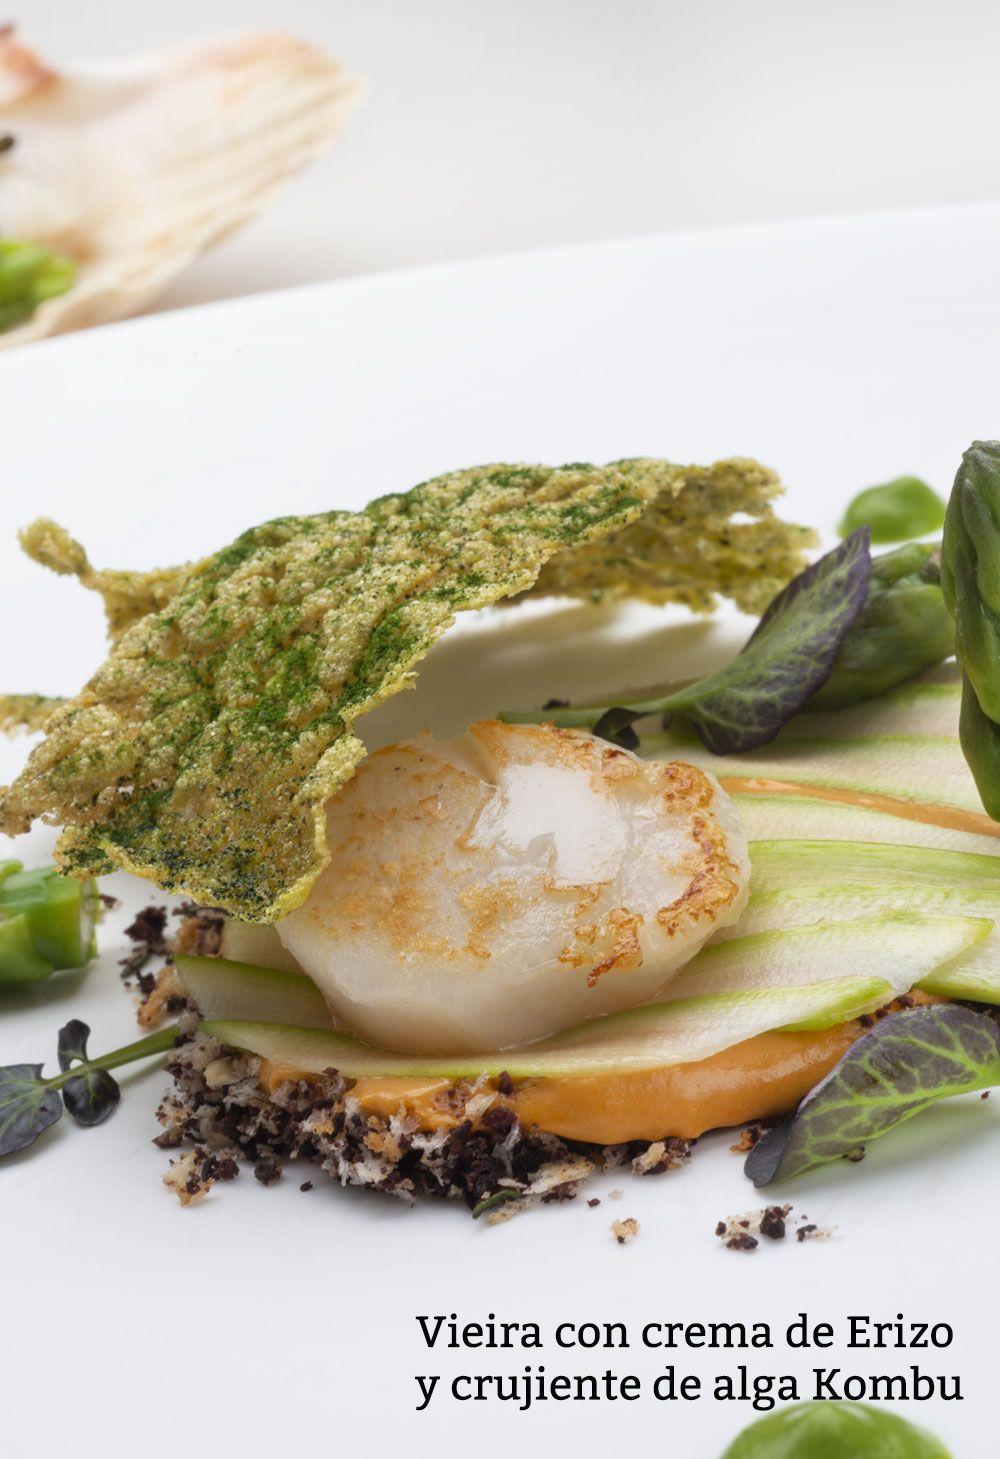 Vieira con crema de Erizo y crujiente de alga Kombu